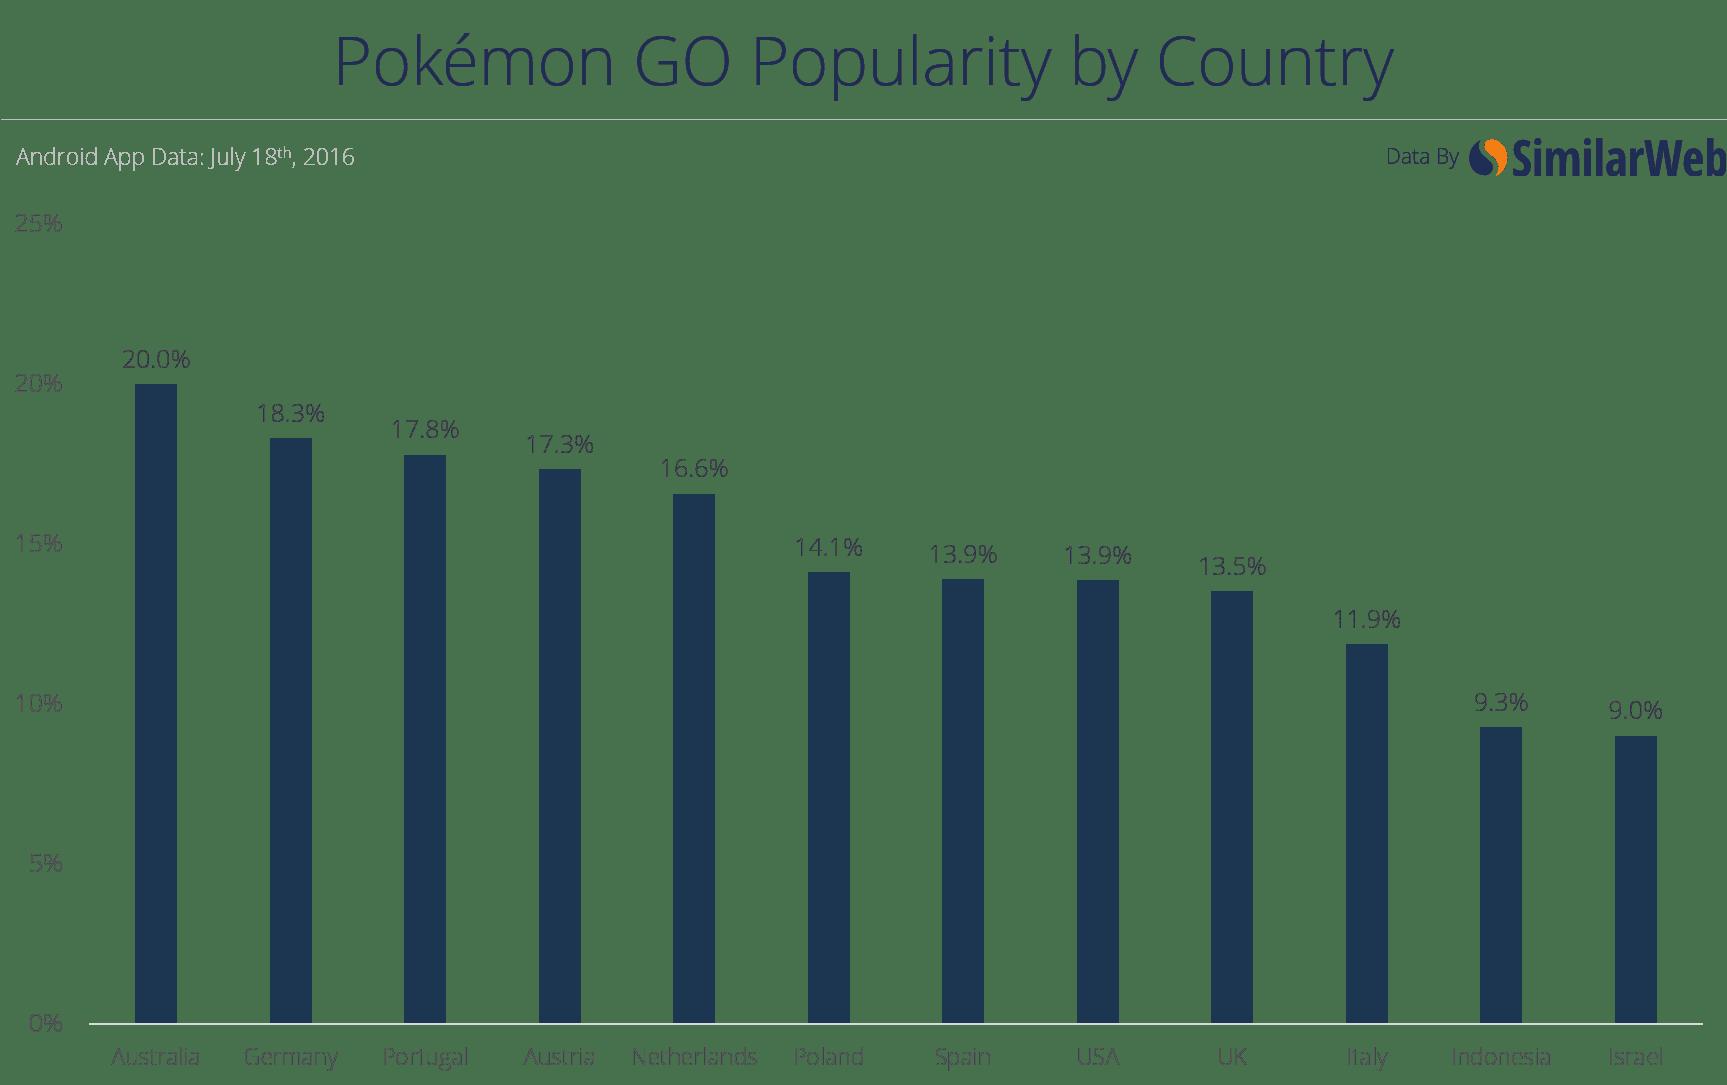 Echa un vistazo a las instalaciones de 'Pokémon GO' en Android por país